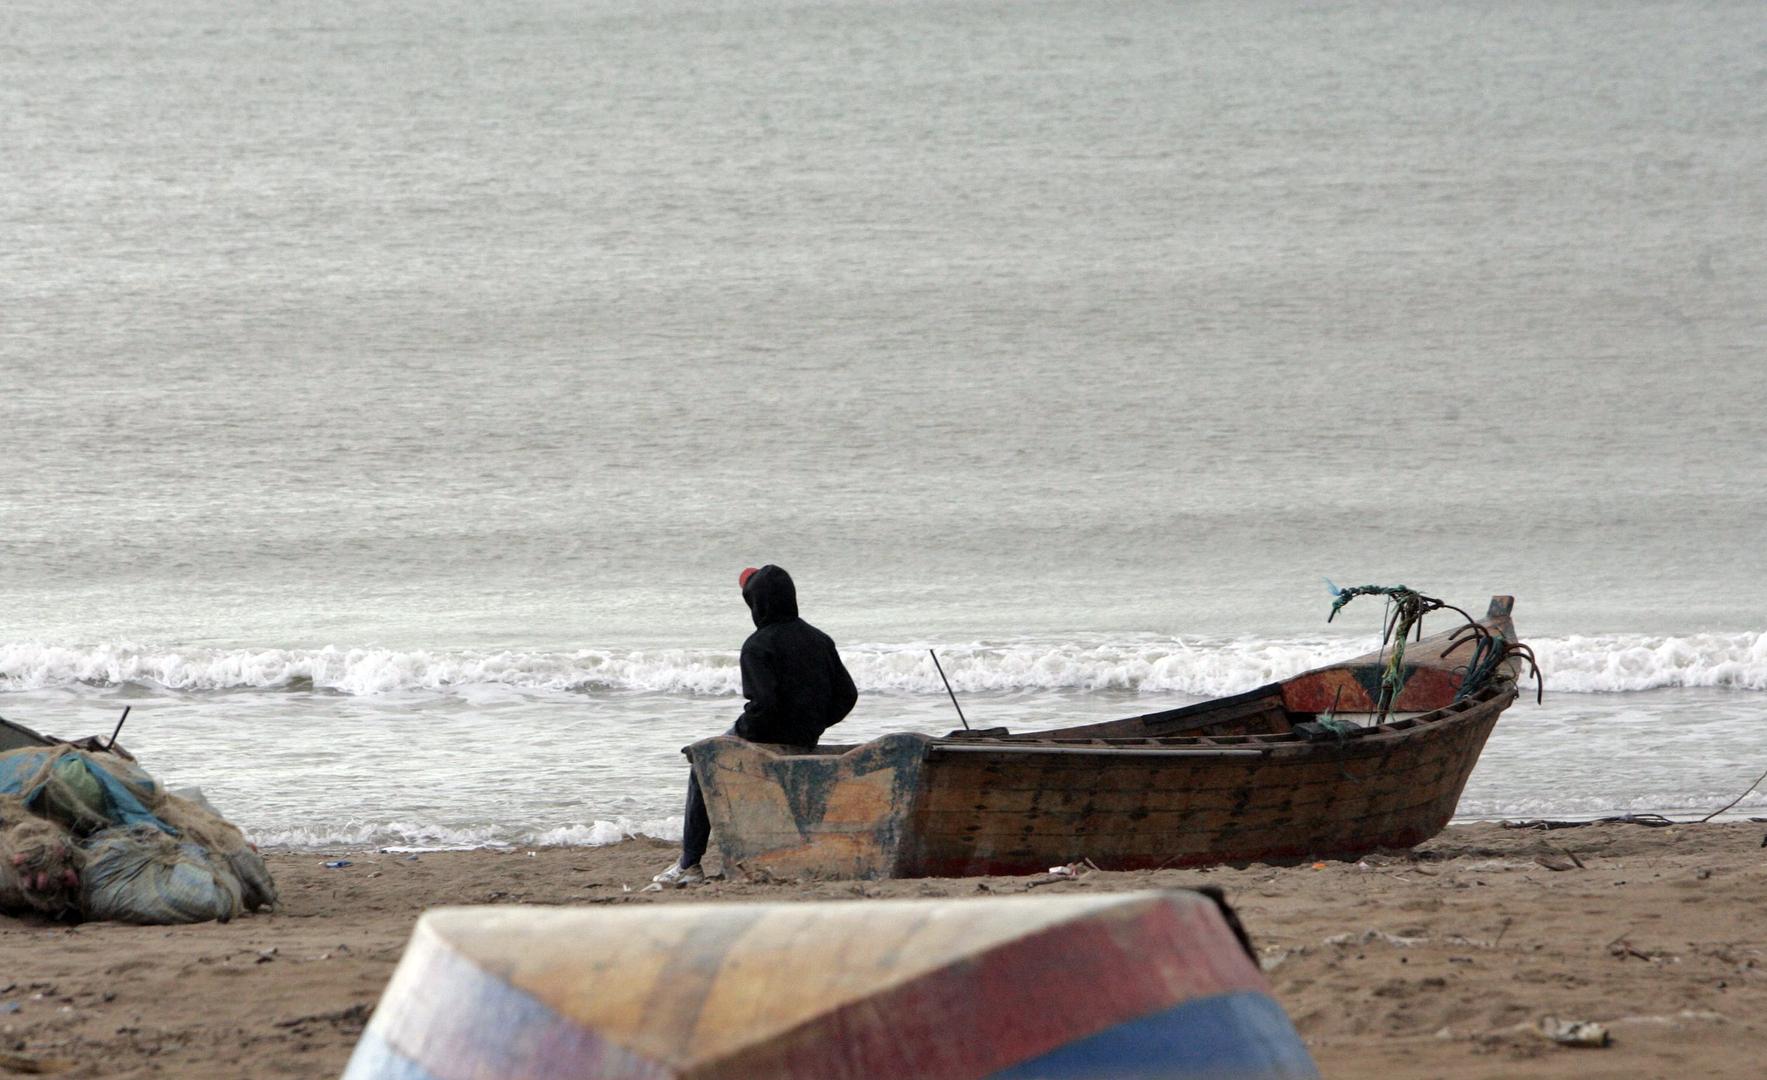 المنظمة الدولية للهجرة: إقبال المهاجرين غير النظاميين على الجزائر يفوق إقبالهم على أوروبا